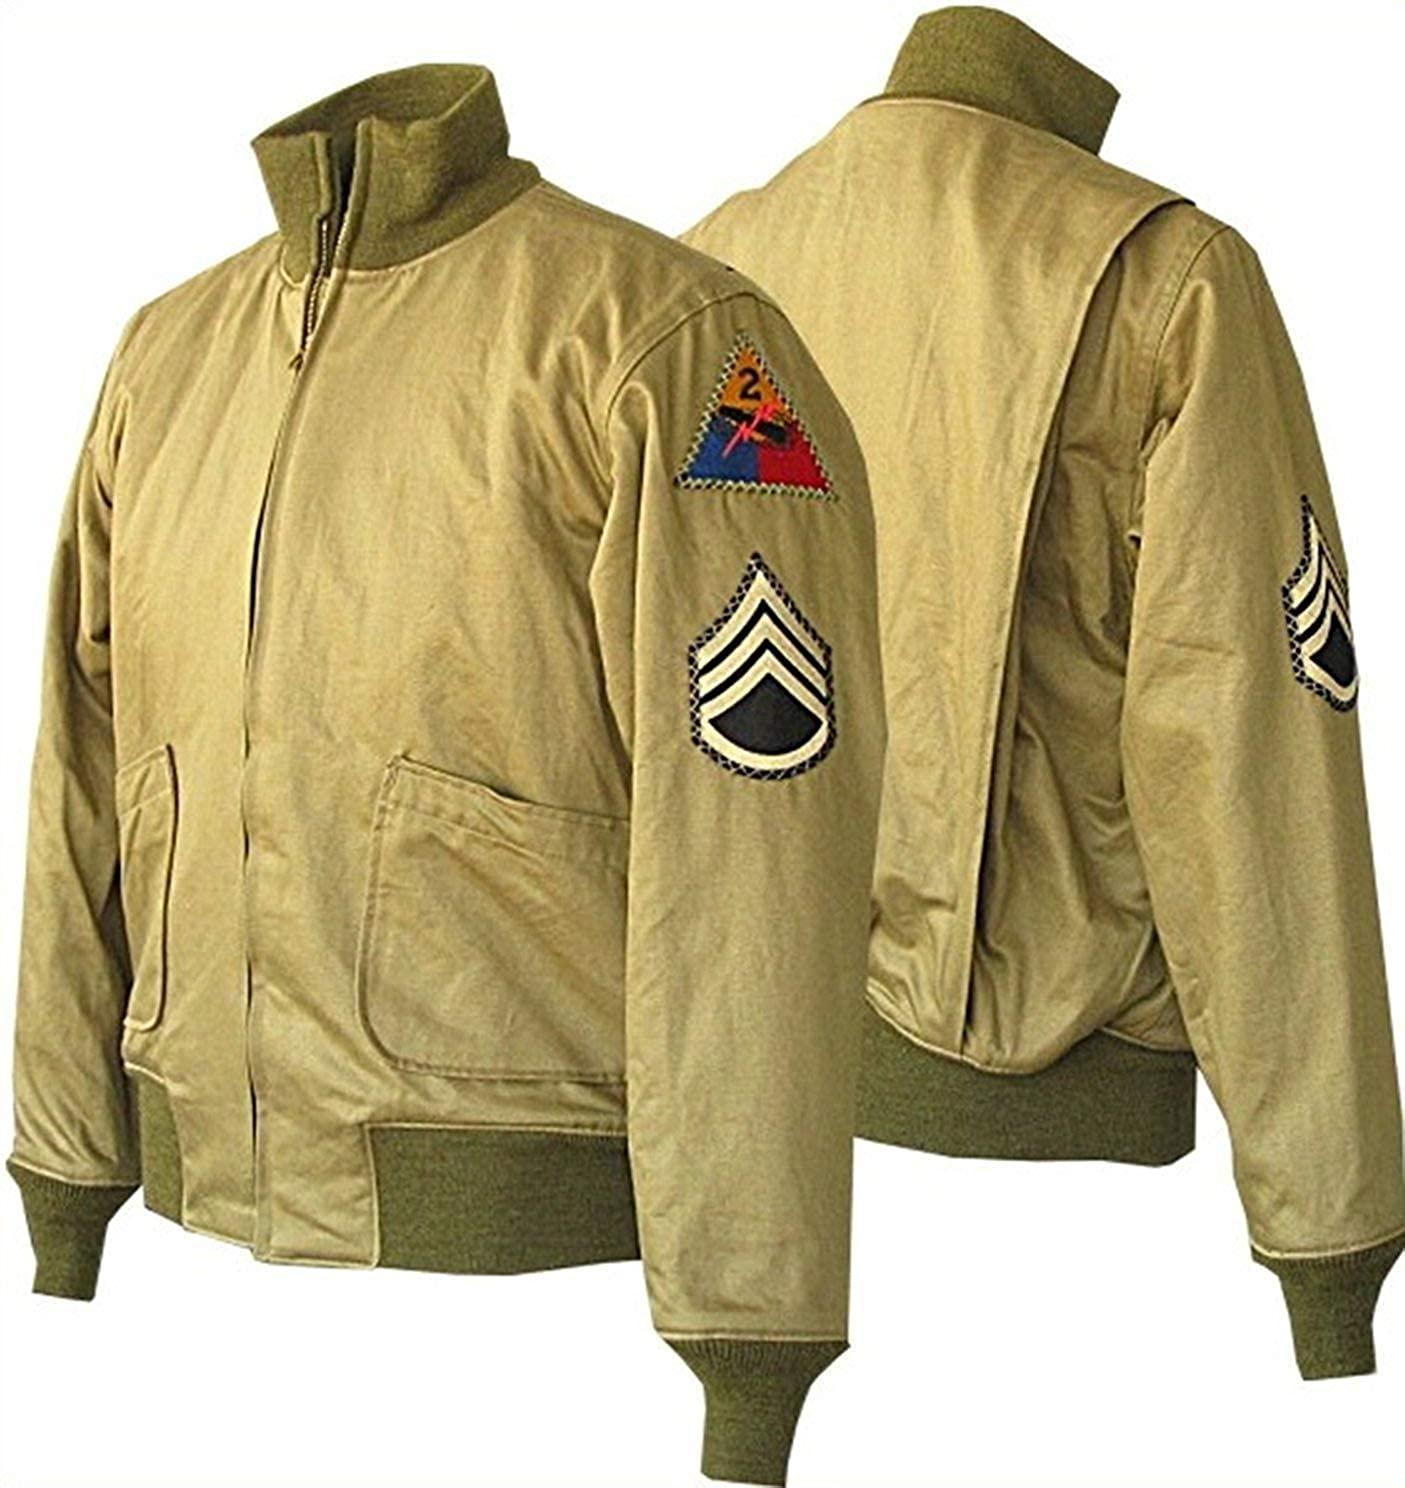 Mountain Leather Men's Brad Pitt US Army WW2 Military Cotton Khaki Jacket 2XS to 3XL